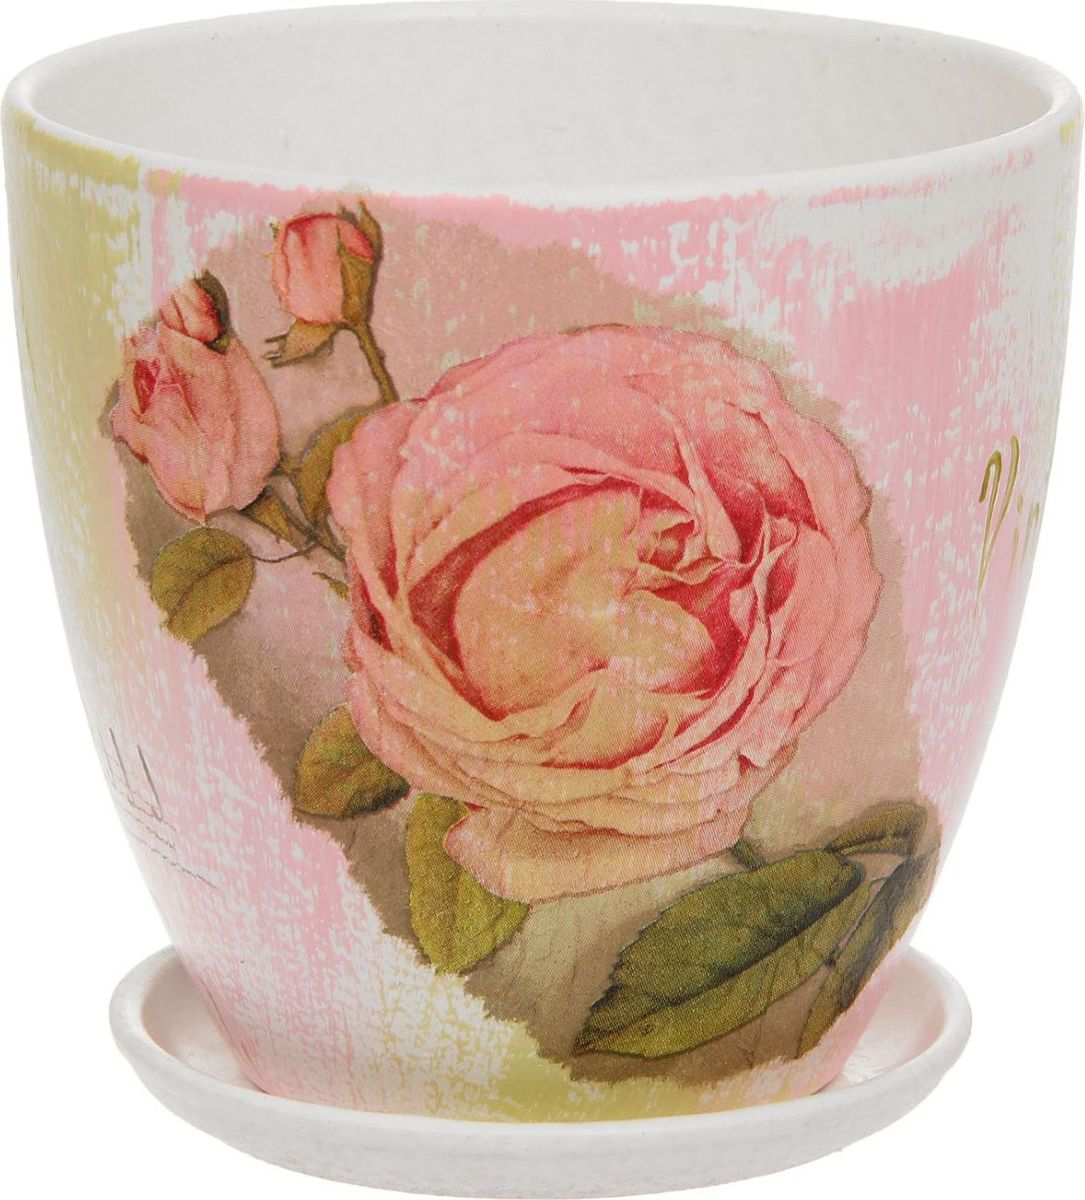 Кашпо Винтаж. Розы, 1,1 л1138554Комнатные растения — всеобщие любимцы. Они радуют глаз, насыщают помещение кислородом и украшают пространство. Каждому из них необходим свой удобный и красивый дом. Кашпо из керамики прекрасно подходят для высадки растений: за счёт пластичности глины и разных способов обработки существует великое множество форм и дизайновпористый материал позволяет испаряться лишней влагевоздух, необходимый для дыхания корней, проникает сквозь керамические стенки! #name# позаботится о зелёном питомце, освежит интерьер и подчеркнёт его стиль.